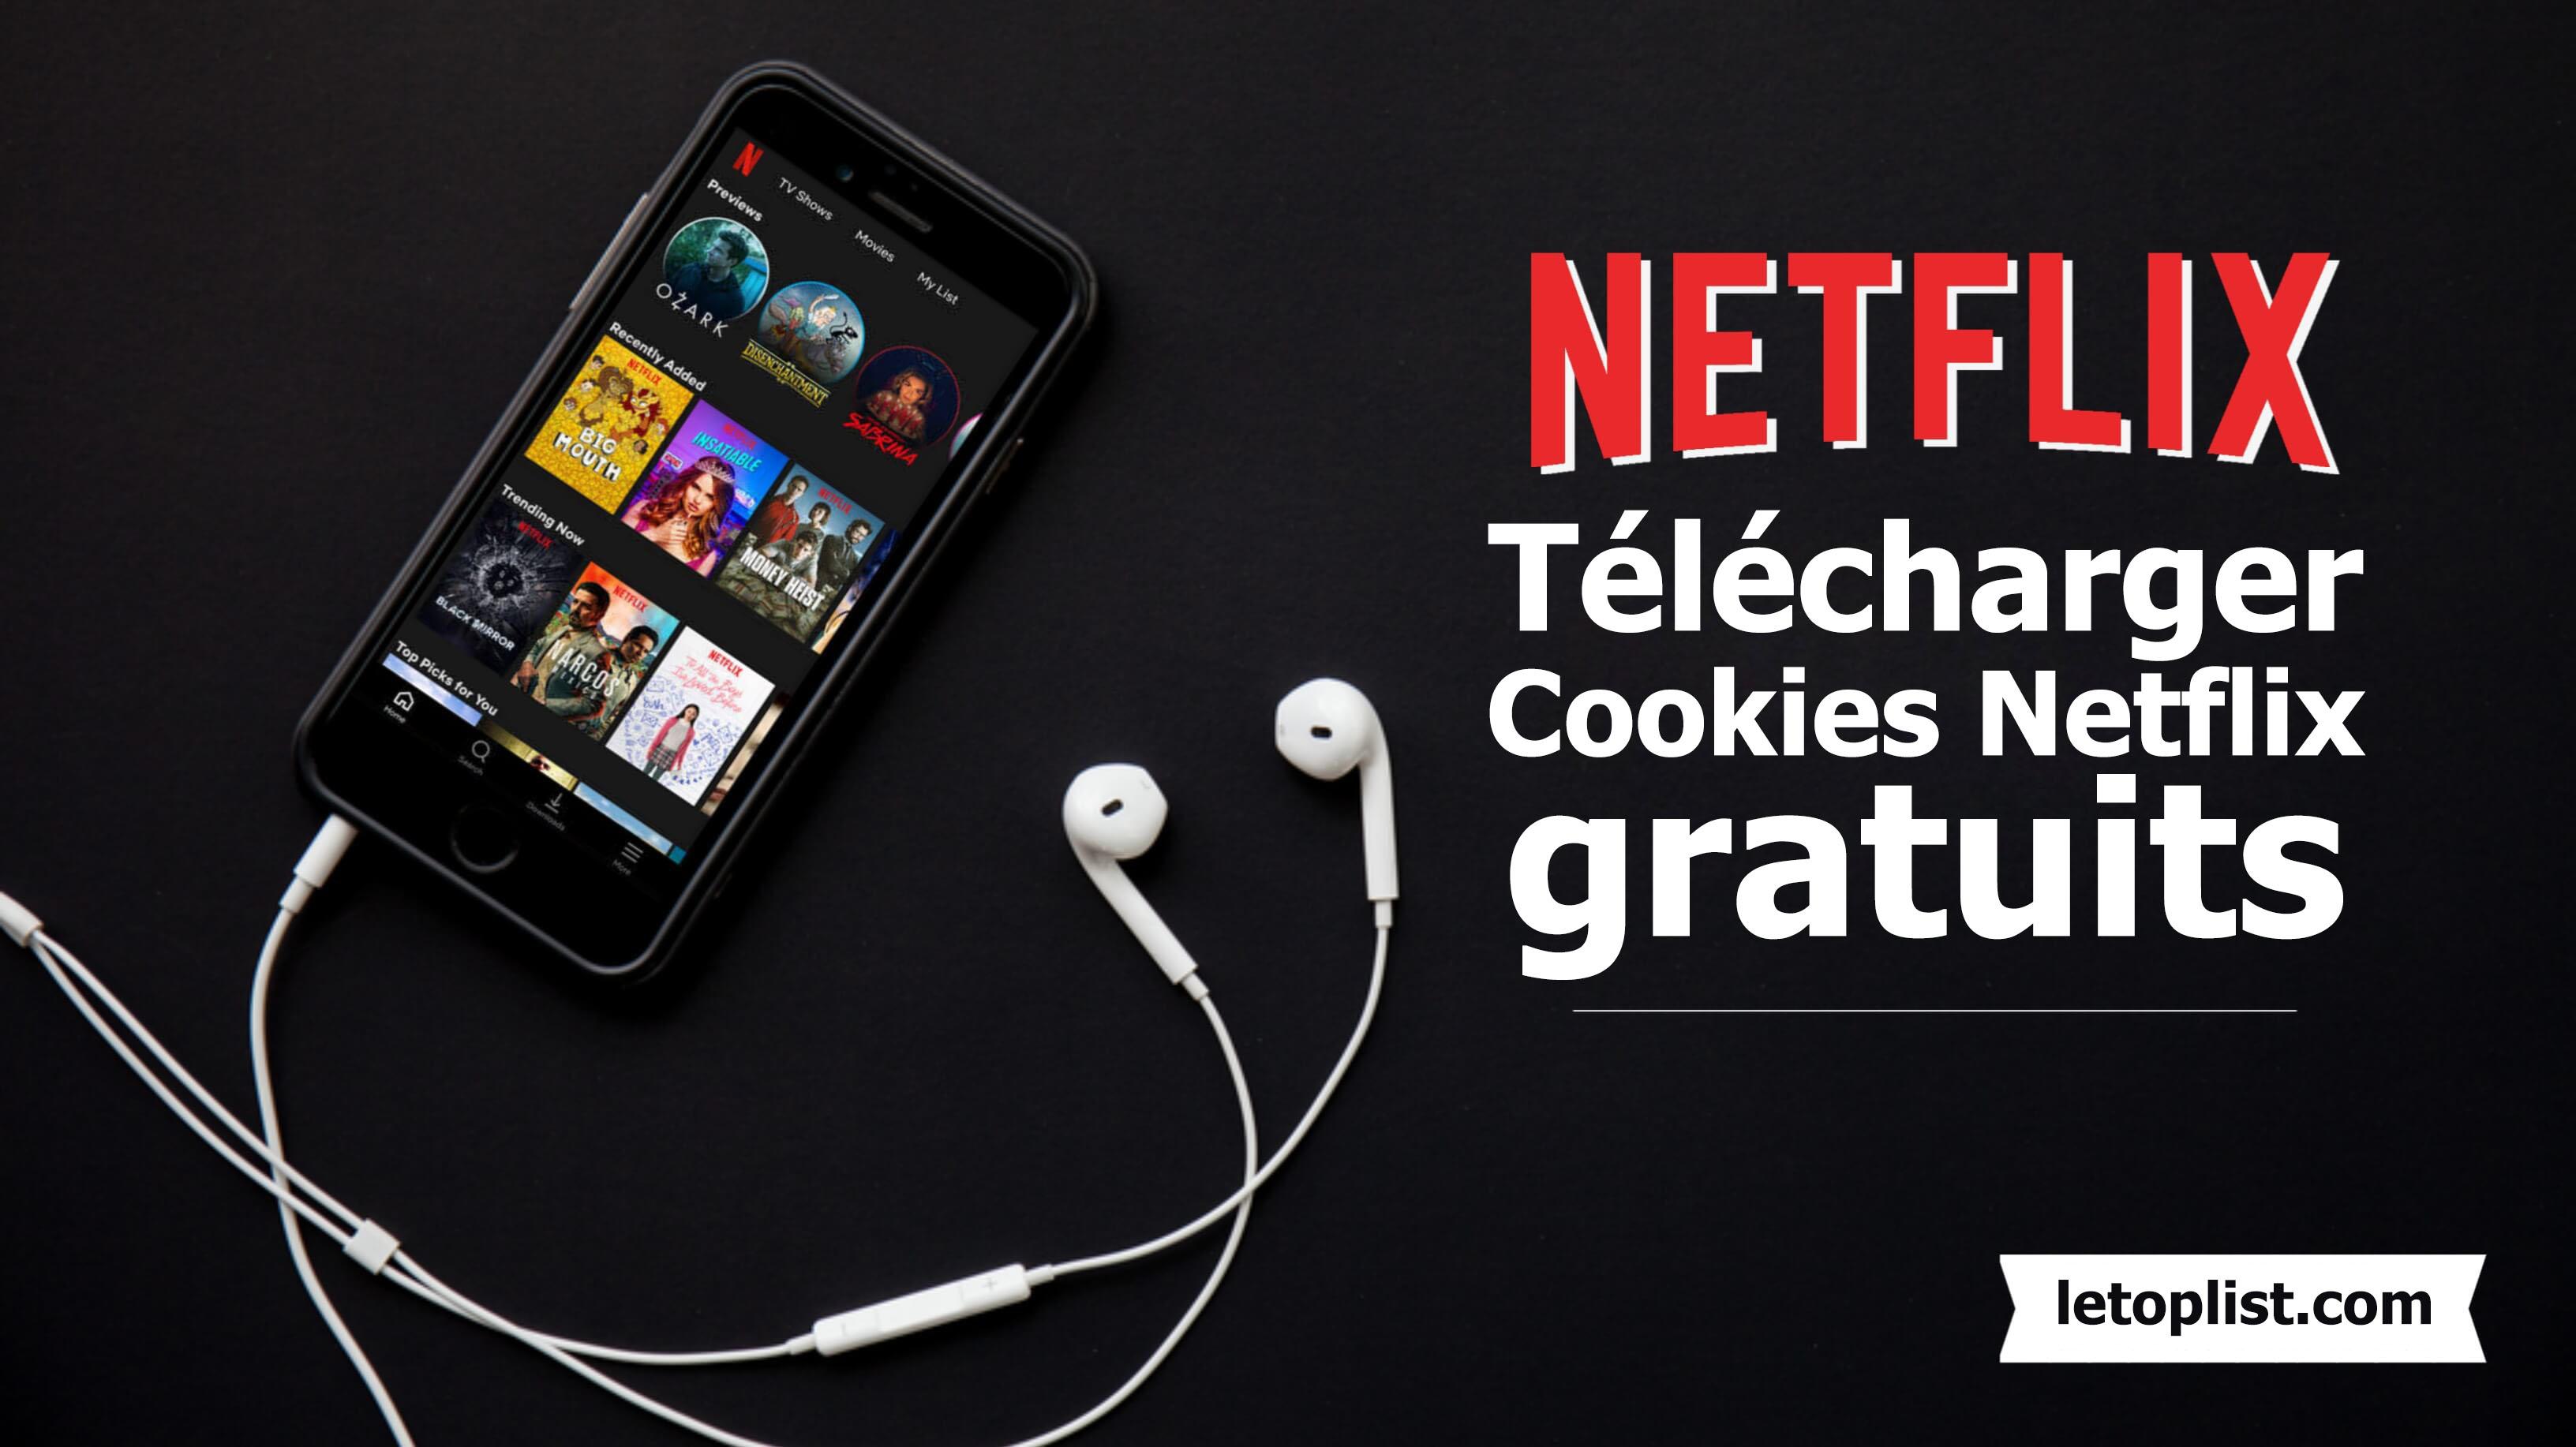 Cookies Netflix gratuits, Cookies Netflix chrome, cookies netflix chrome 2019, cookies netflix chrome 2019, cookies netflix gratuit, my cookies netflix, cookies netflix chrome decembre 2018, cookies netflix 2019, netflix cookies blogspot, cookies netflix gratuit 2019